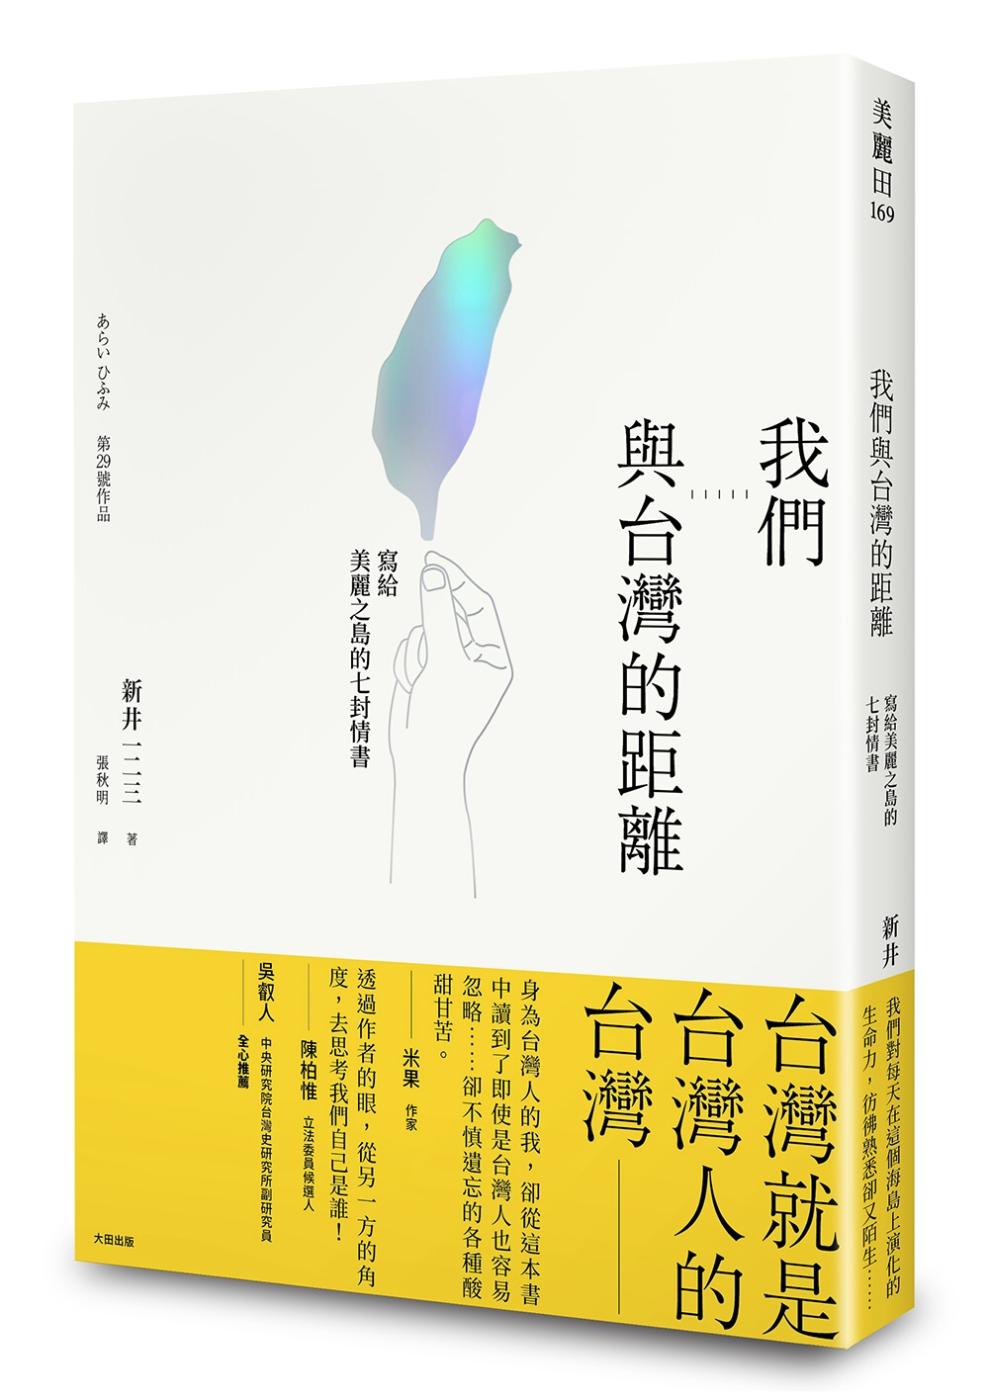 我們與台灣的距離:寫給美麗之島的七封情書